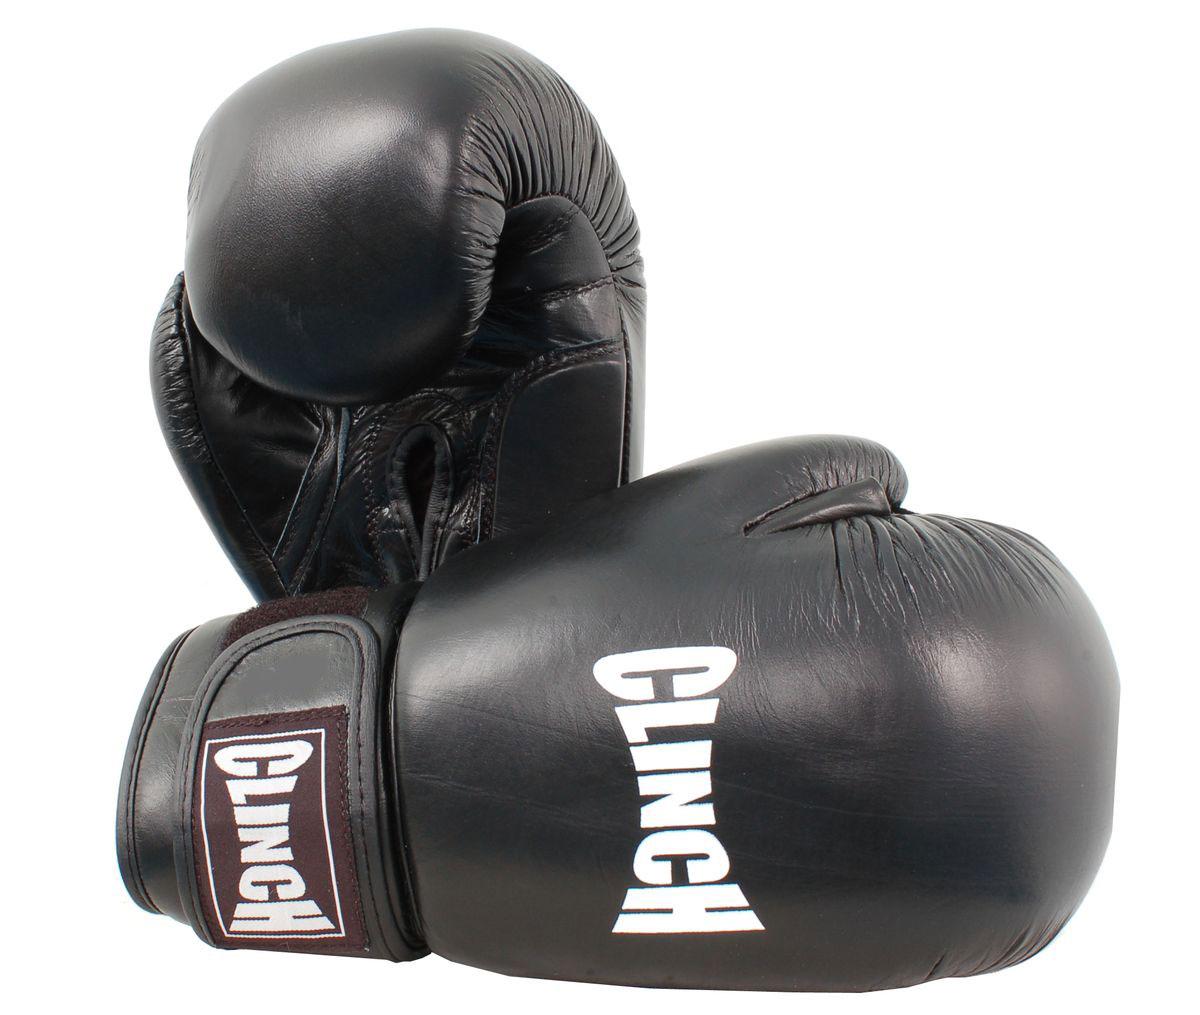 Перчатки боксерские Clinch, цвет: черный, 12 унций. C228C228Боксерские перчатки Clinch идеально подойдут для соревнований, боев и спаррингов. Перчатки выполнены из высококачественной натуральной кожи с инжекционным литым вкладышем, смягчающим силу удара и дополнительно защищающим руку. На тыльной стороне перчаток предусмотрены отверстия для вентиляции. Большой палец соединен с перчаткой небольшой плотной перемычкой. Перчатки прочно фиксируются на запястье широкой манжетой на липучке, что гарантирует быстроту и удобство одевания.